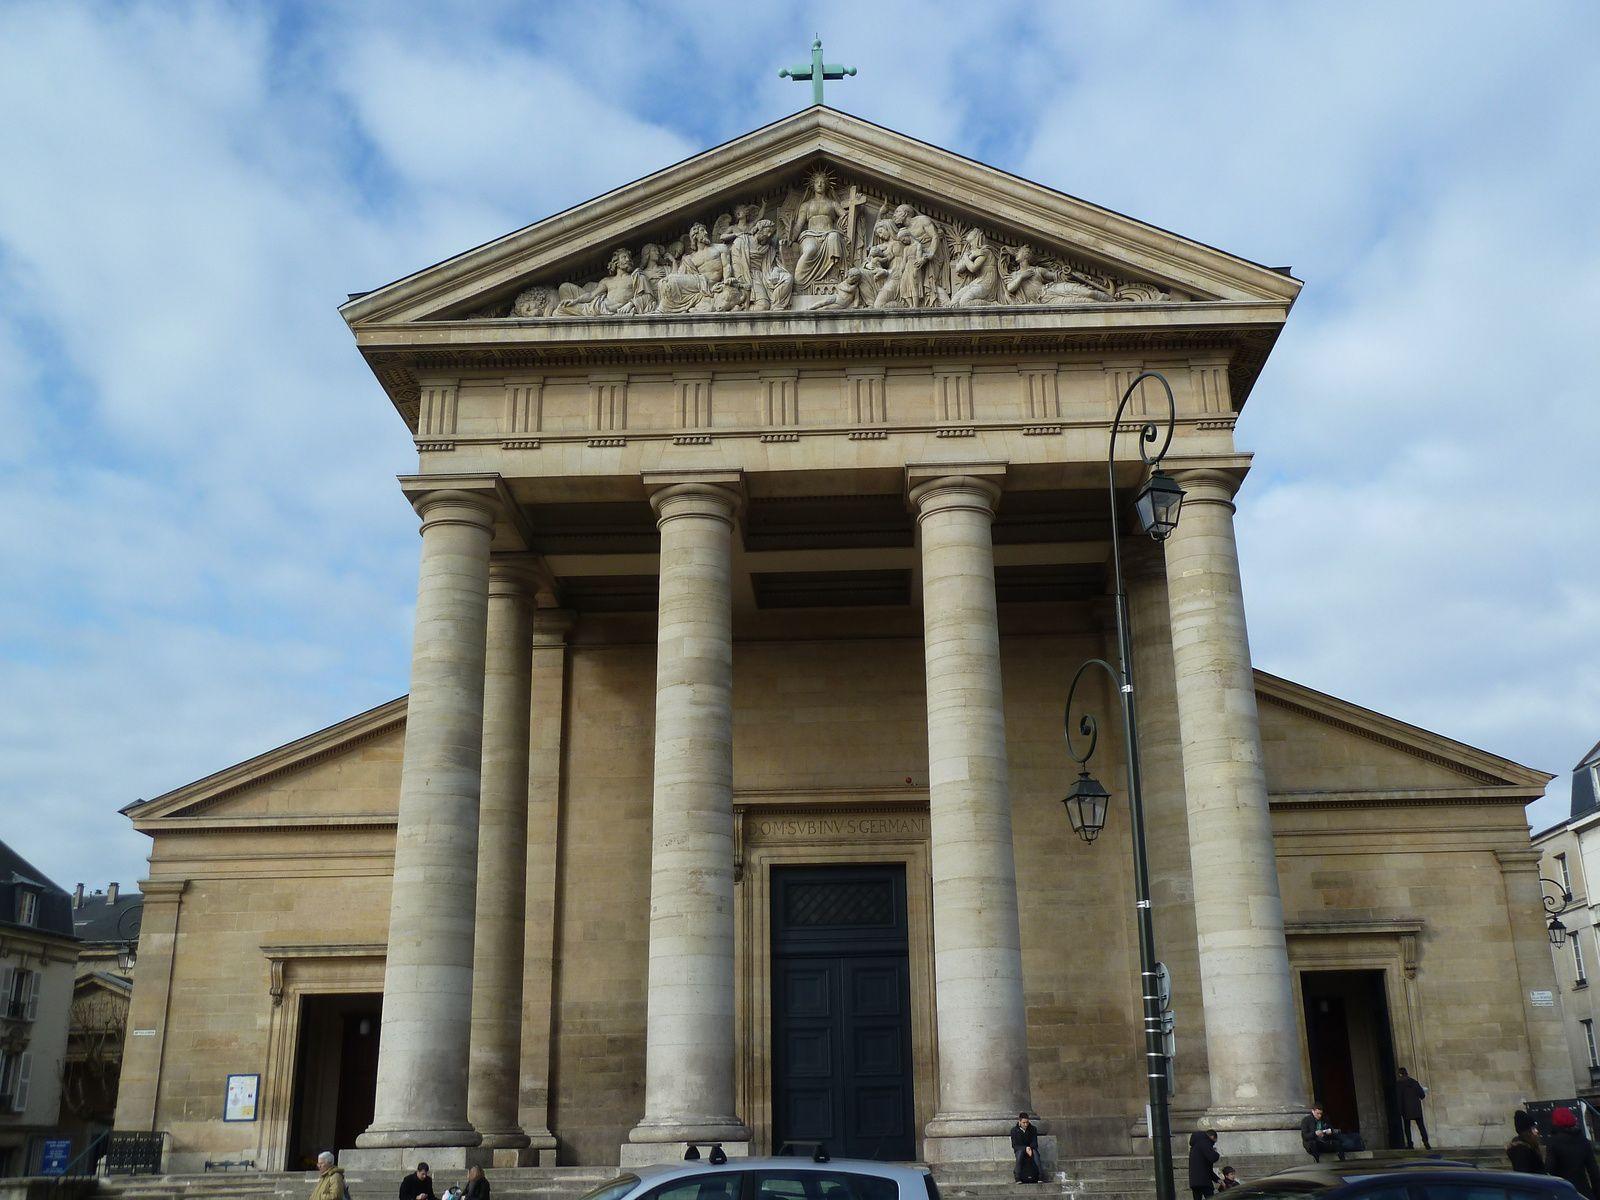 L'église Saint-Germain. Elle était appelée au début du XVIIIème siècle, Saint-Germain-de-Paris. Située face au château, cette église construite en 1824, dans un style néoclassique inspiré des basiliques paléochrétiennes, fut restaurée par Joseph Nicolle de 1848 à 1854. Sa façade présente un fronton triangulaire supporté par six colonnes toscanes, dont quatre alignées en façade et deux en retour. Elle a été classée monument historique par décision en date du 23juillet1937.